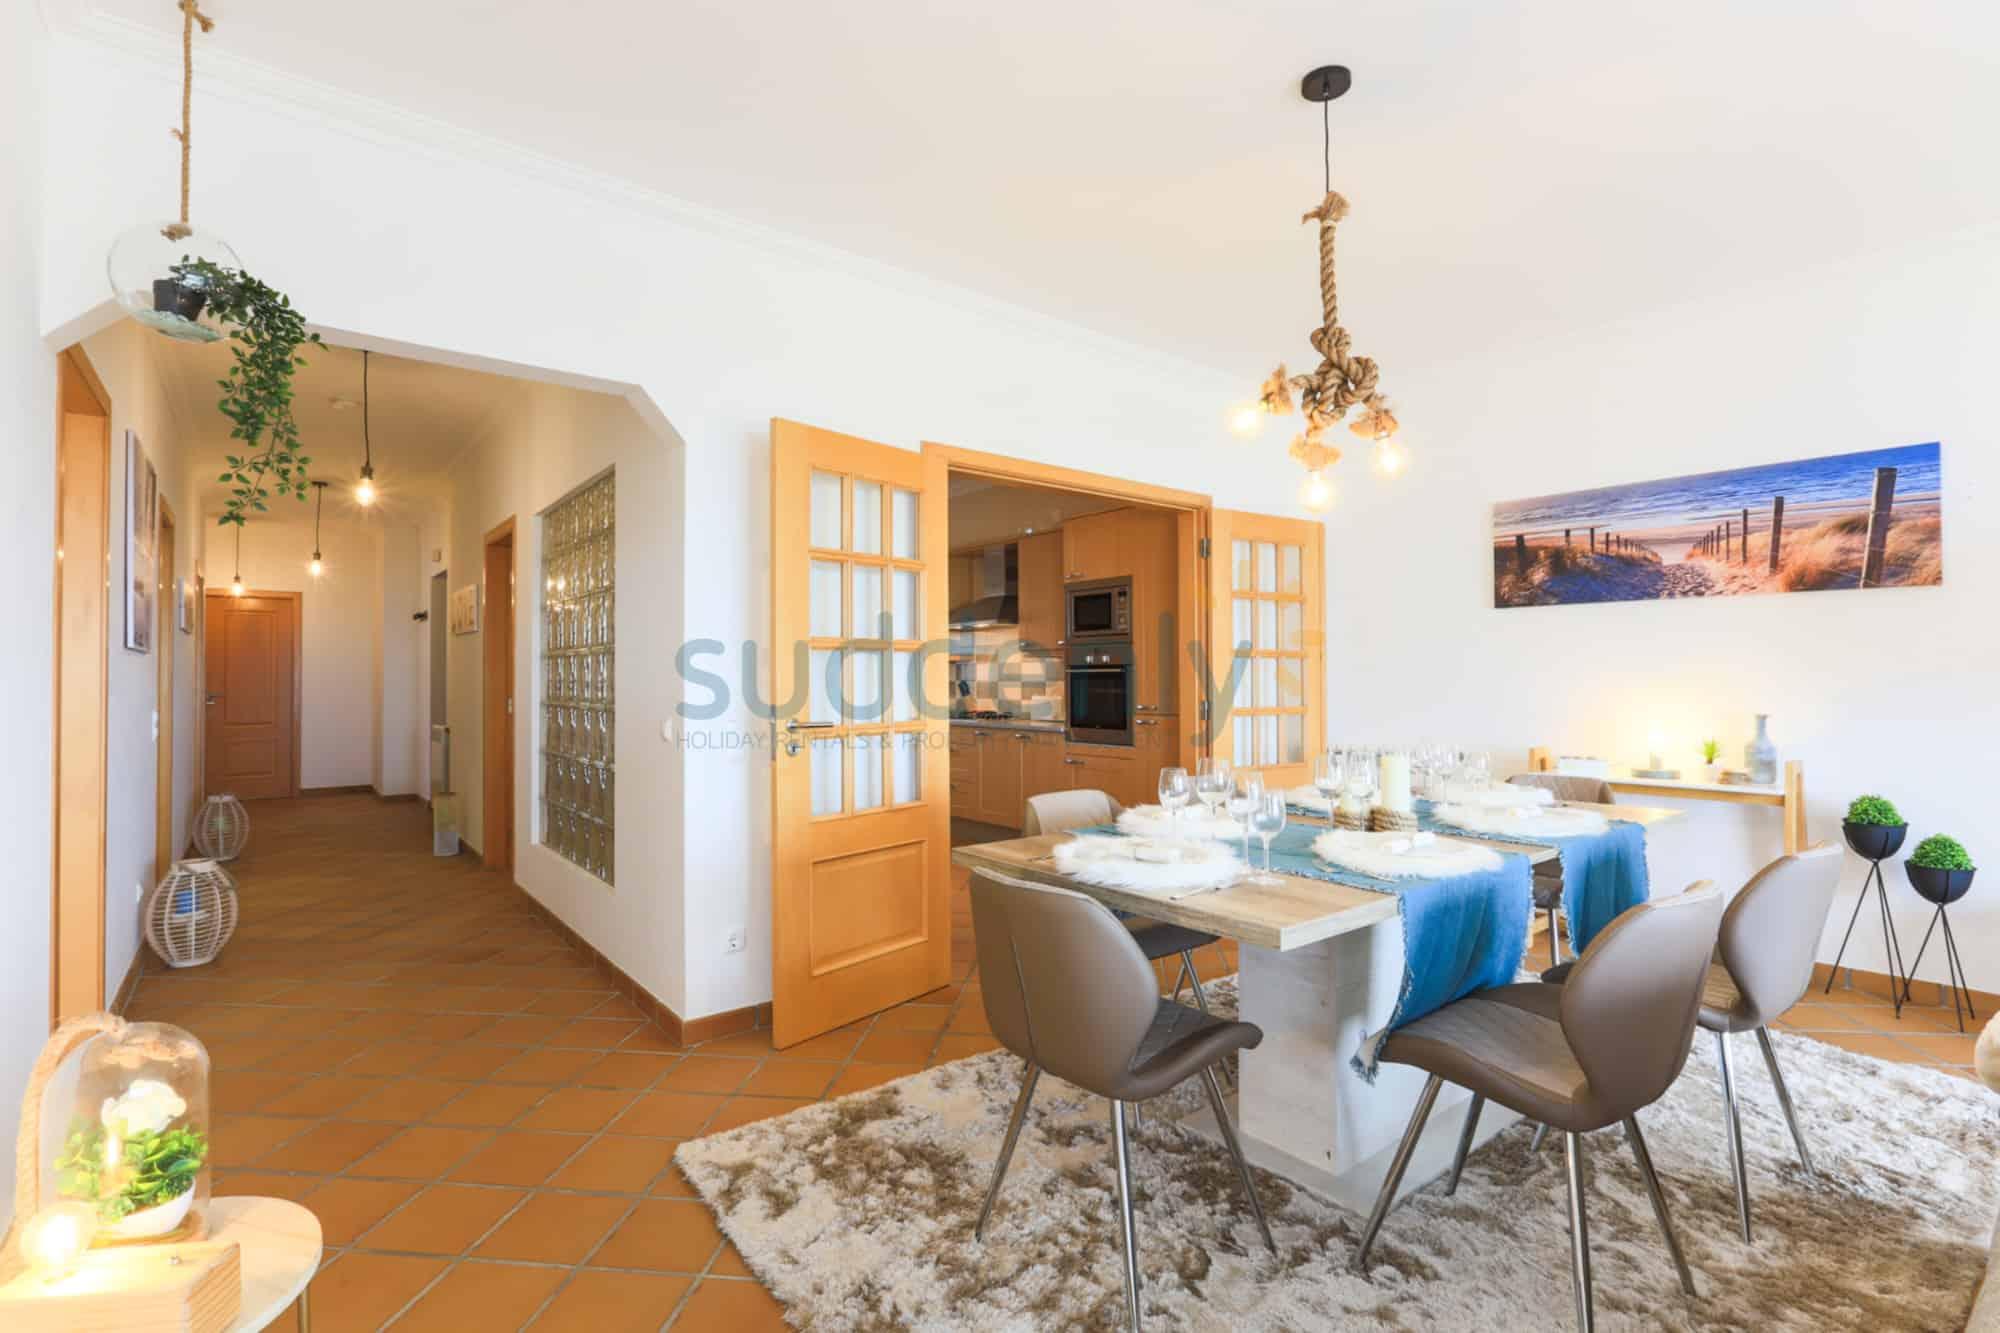 Holiday Rentals in Praia D'El Rey 294